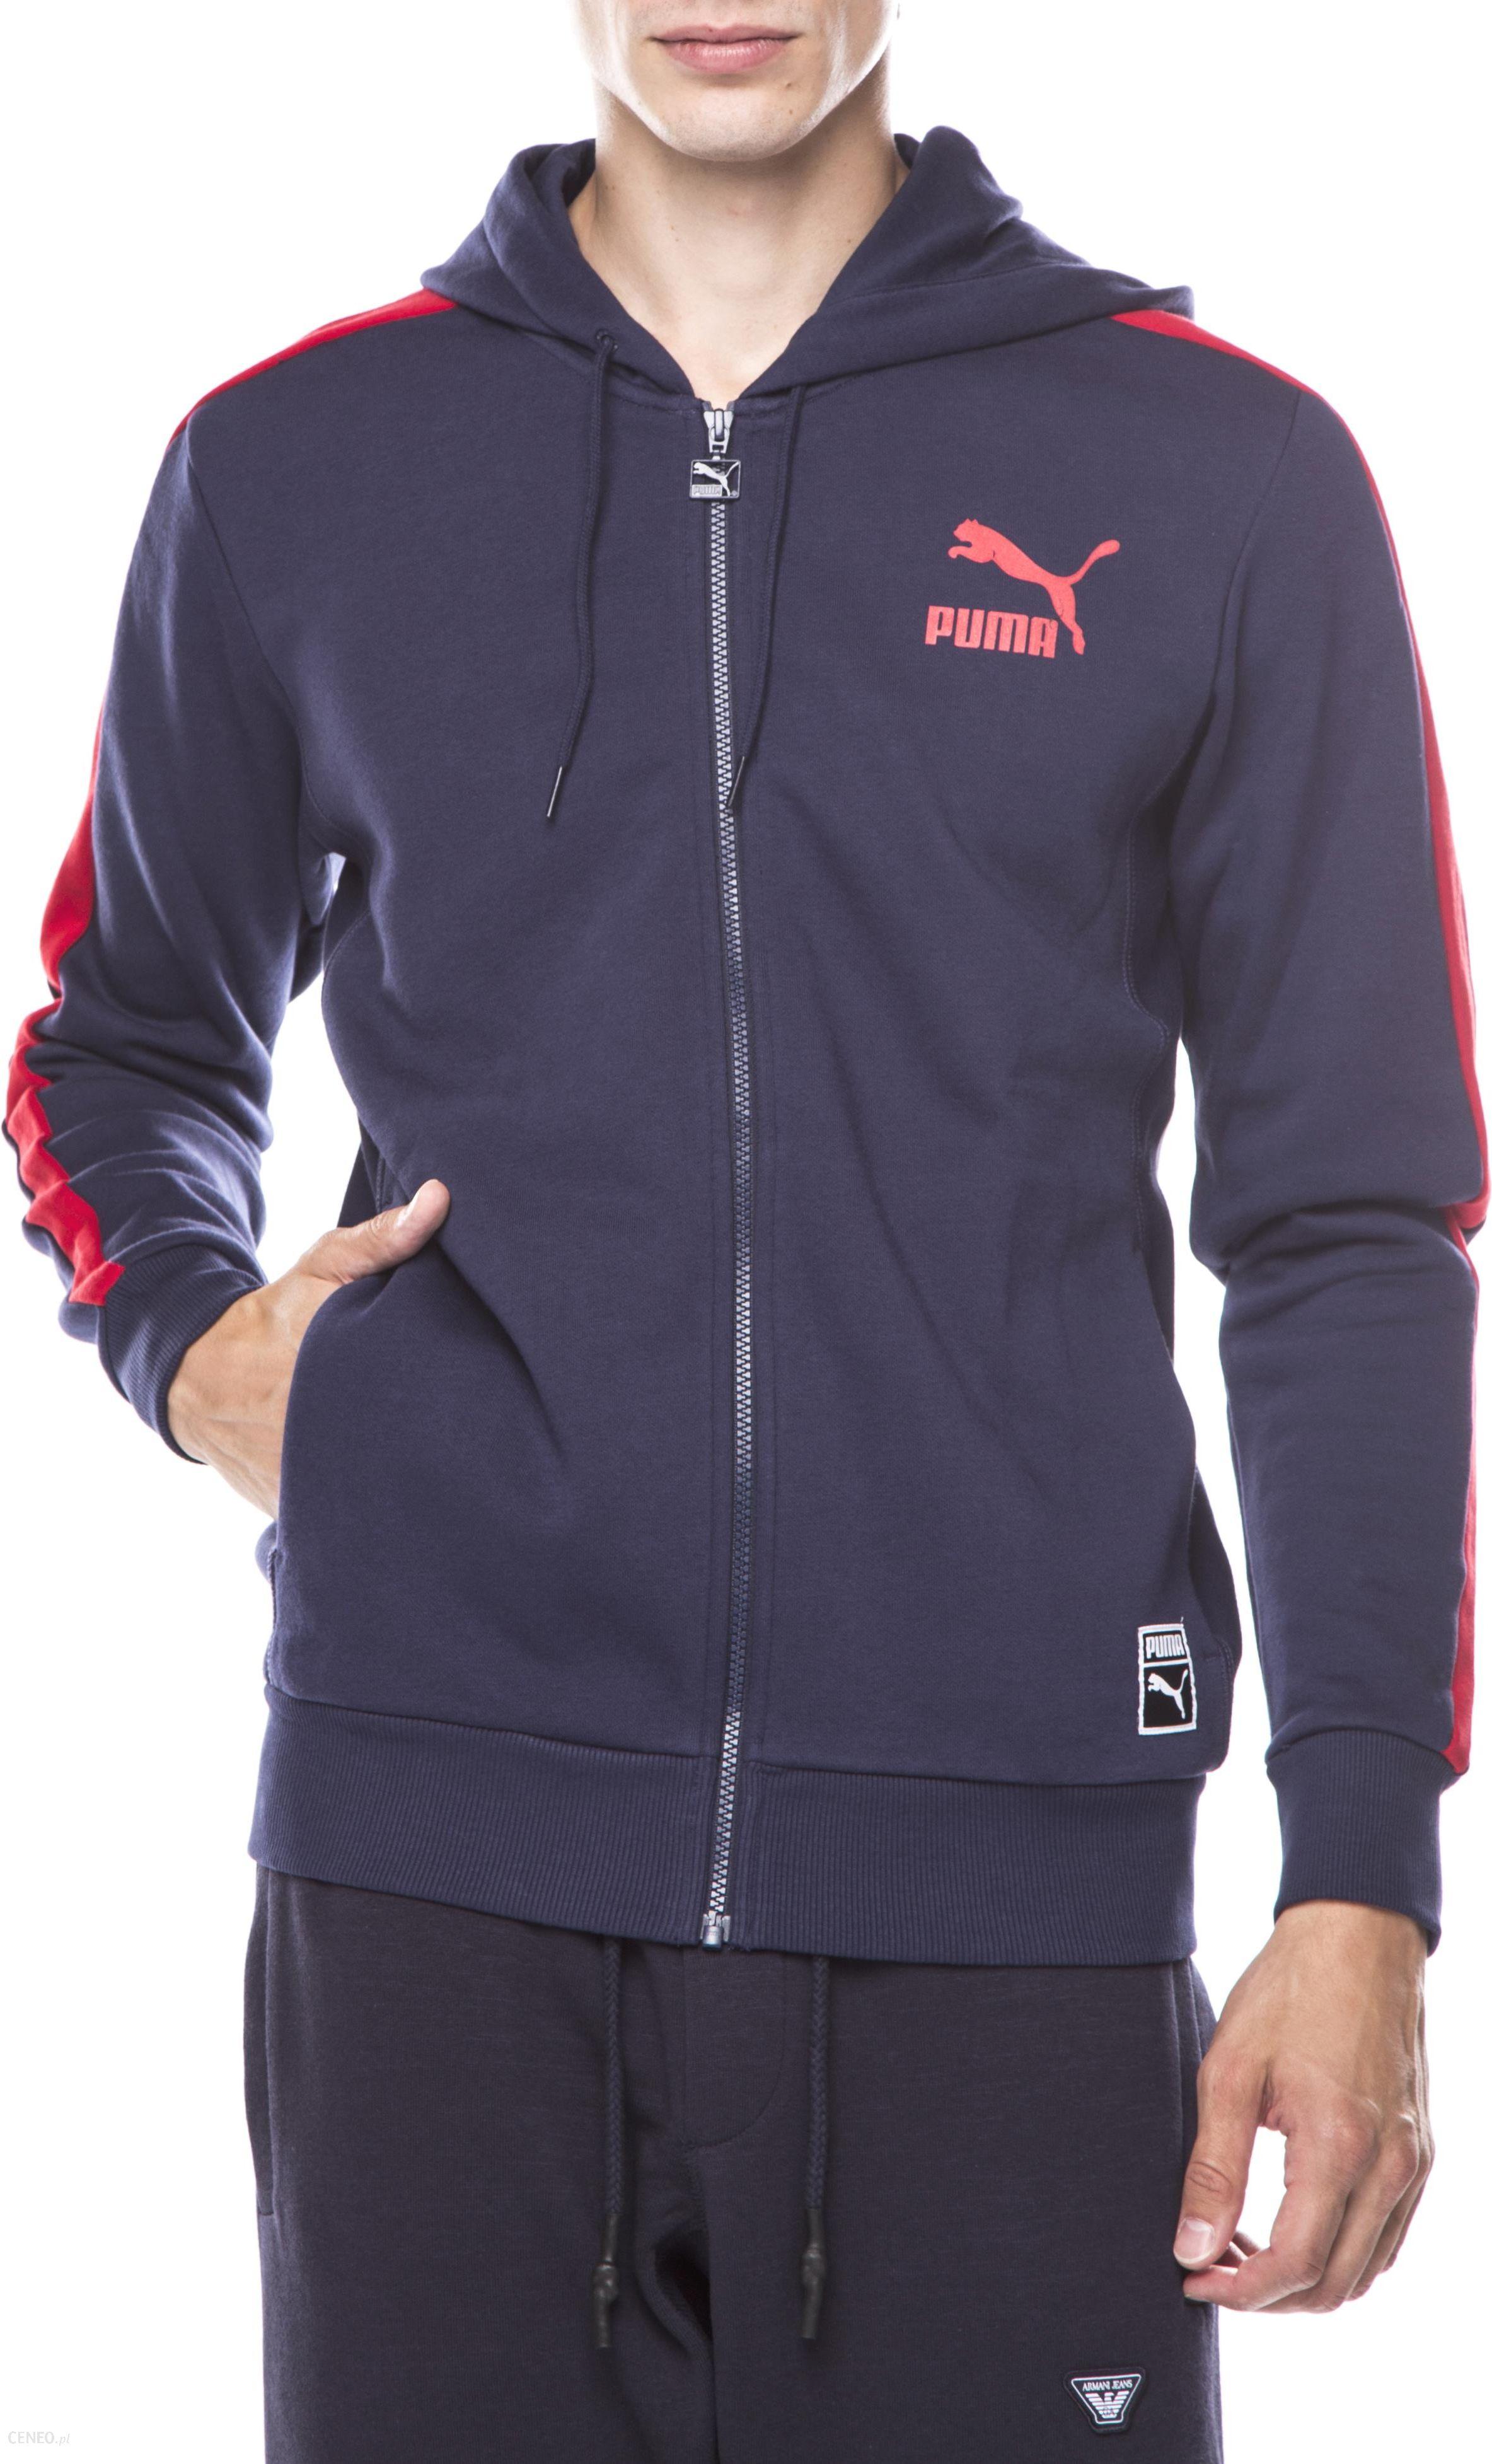 wyprzedaż hurtowa sklep wybór premium Puma T7 Bluza Niebieski L